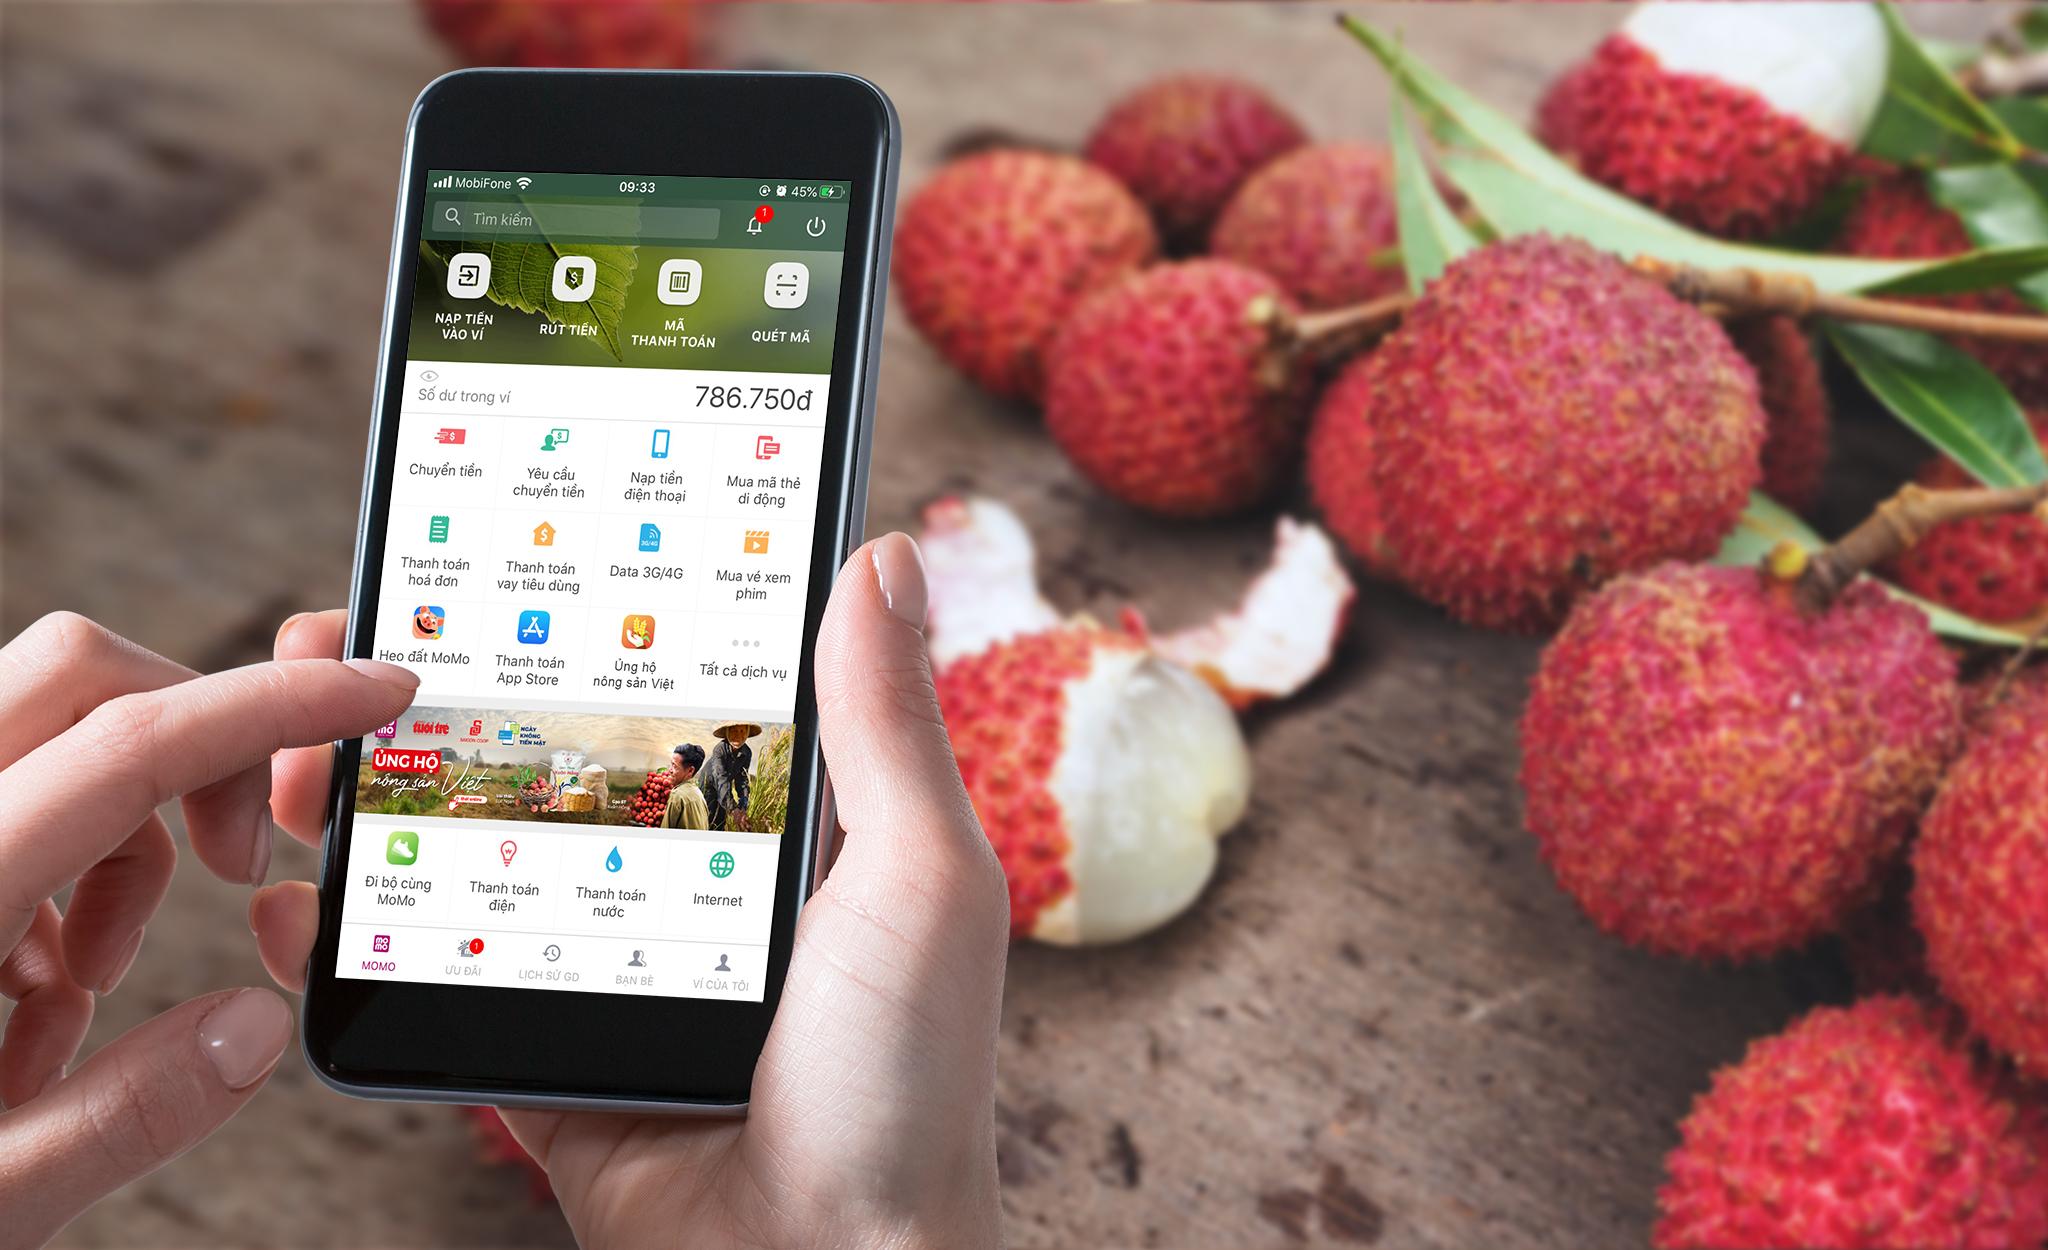 Ủng hộ nông sản Việt trên nền tảng công nghệ thanh toán tiện lợi